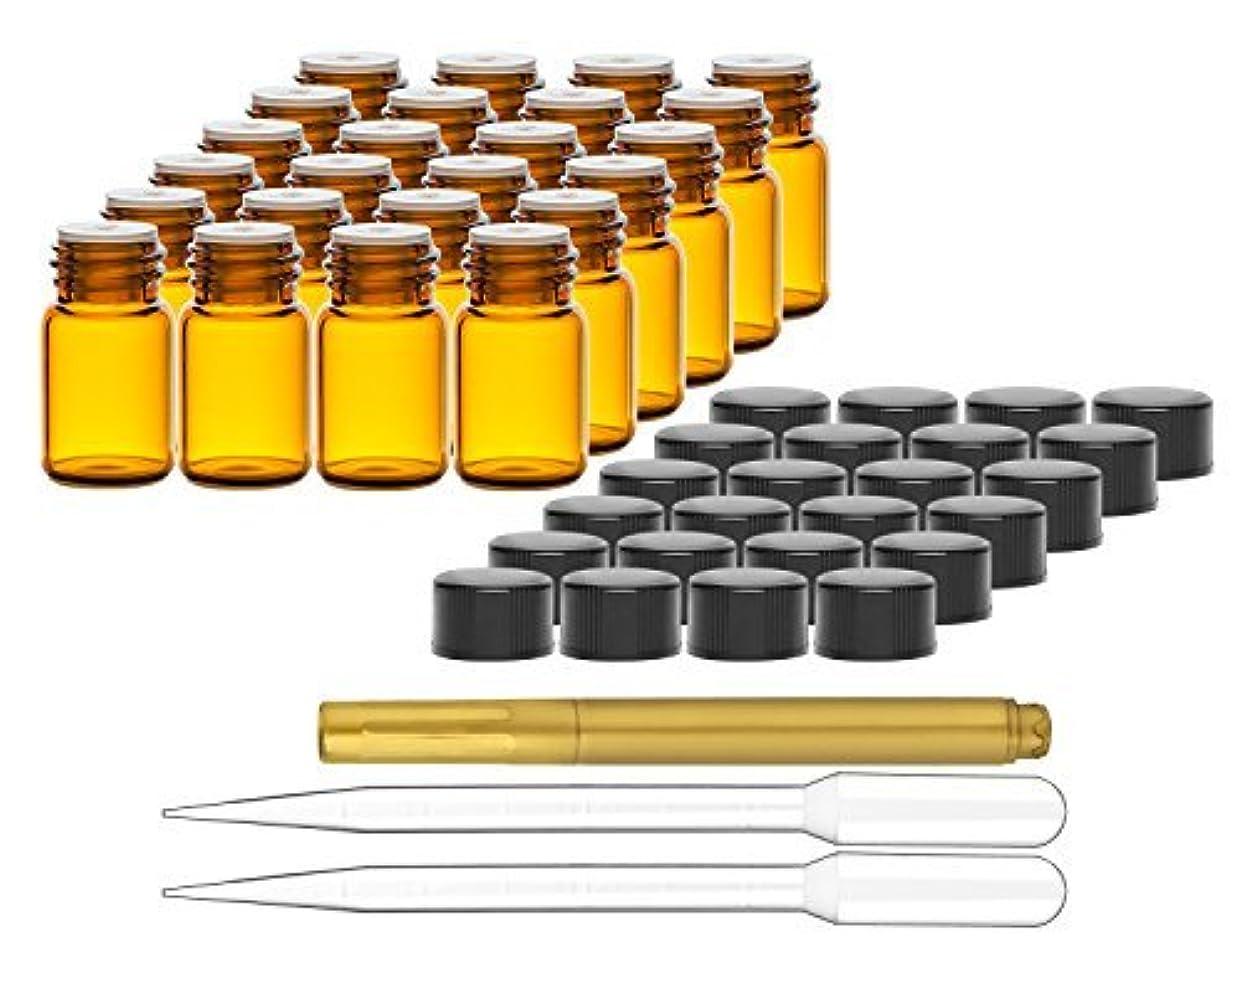 ヒギンズとは異なりきょうだいCulinaire 24 Pack Of 2 ml Amber Glass Bottles with Orifice Reducers and Black Caps & (2x) 3 ml Droppers with Gold...